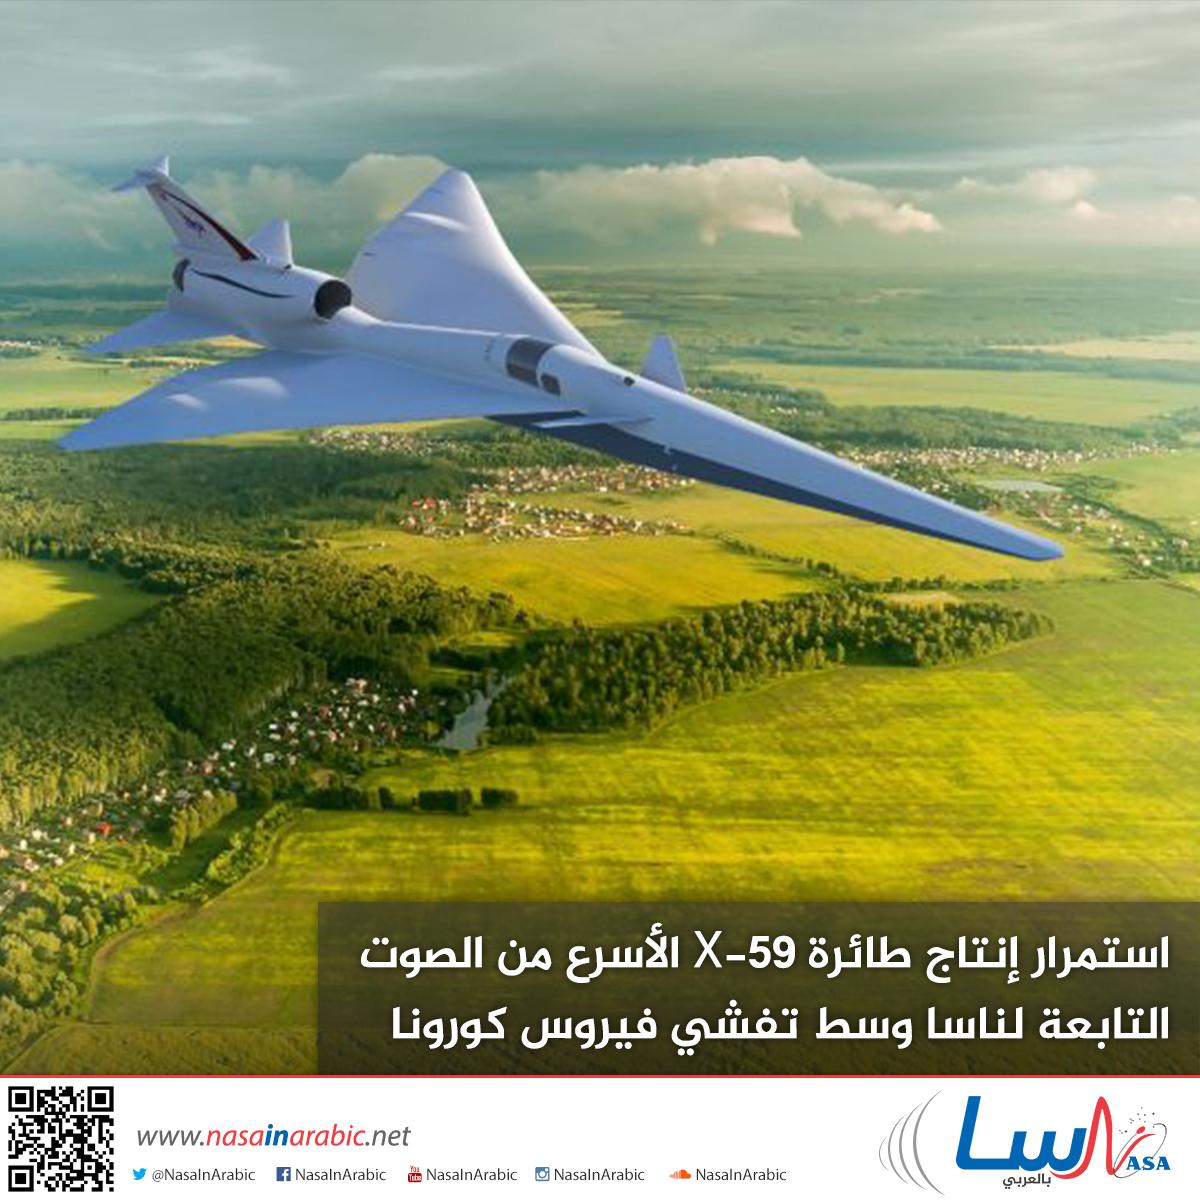 استمرار إنتاج طائرة X-59 الأسرع من الصوت التابعة لناسا وسط تفشي فيروس كورونا